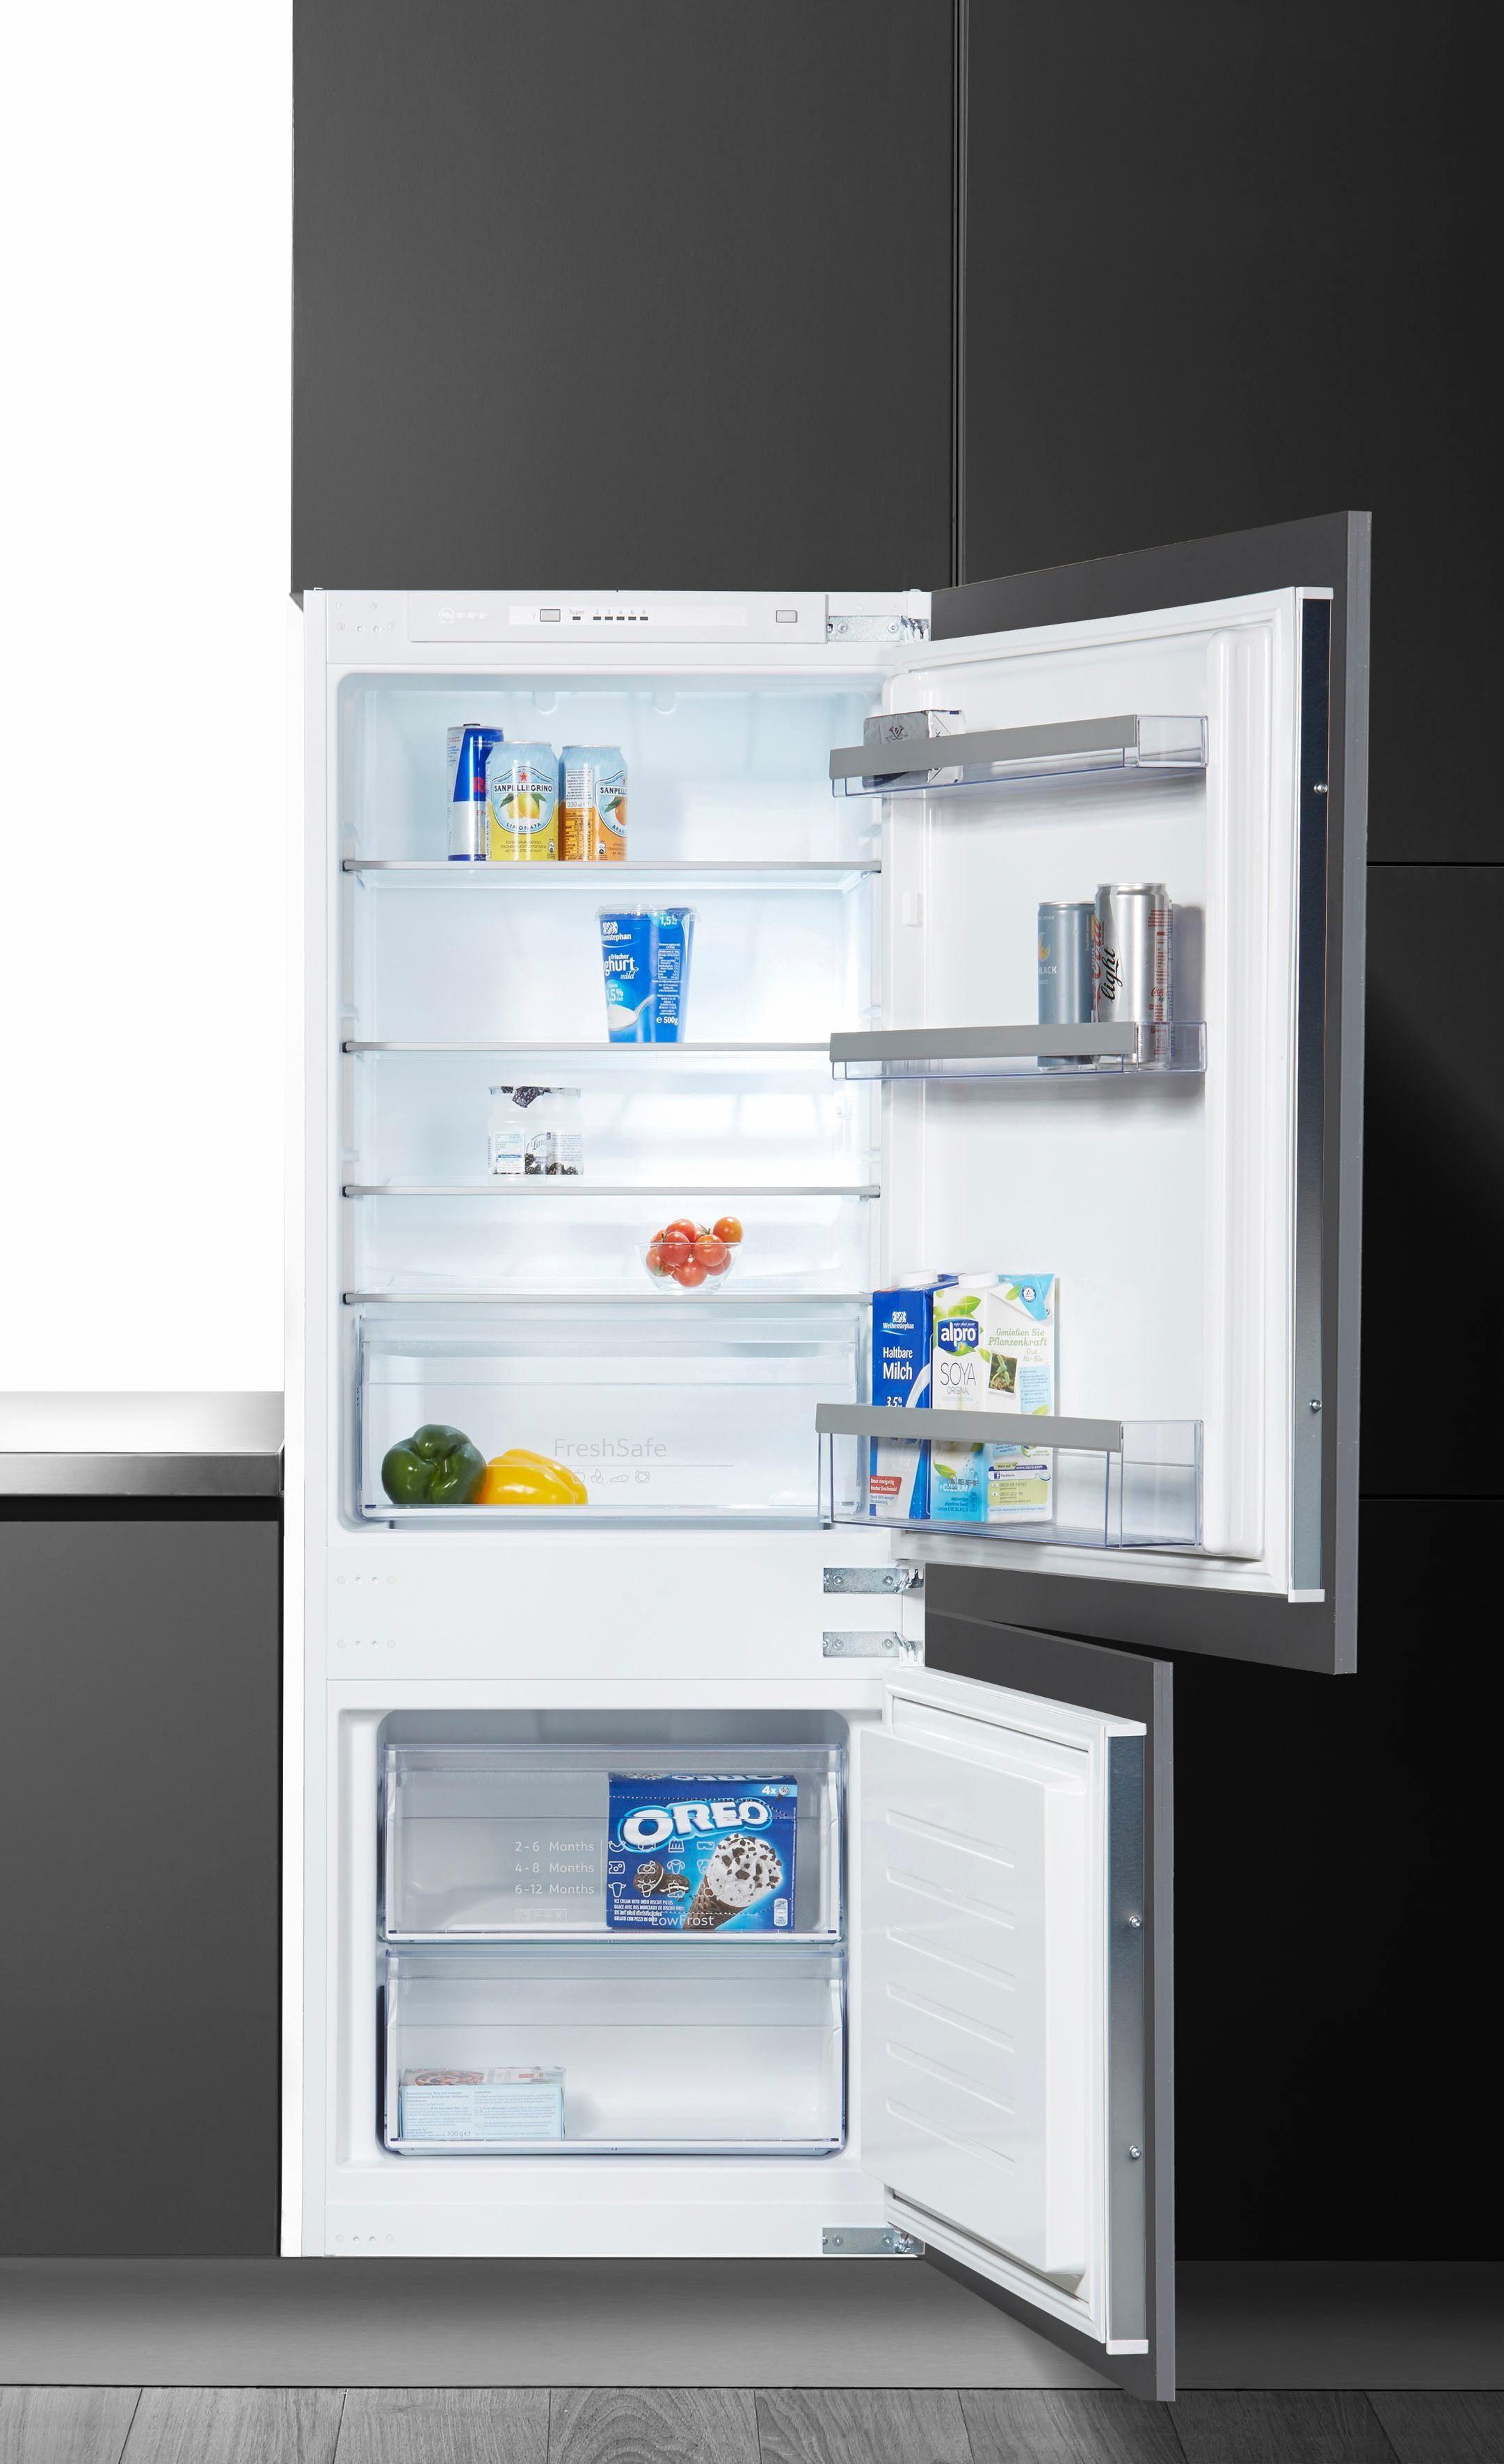 NEFF Einbaukühlschrank KG514A2 / KI5672S30, 144,6 cm hoch, 54,5 cm breit, Energieeffizienzklasse: A++, 144,6 cm hoch